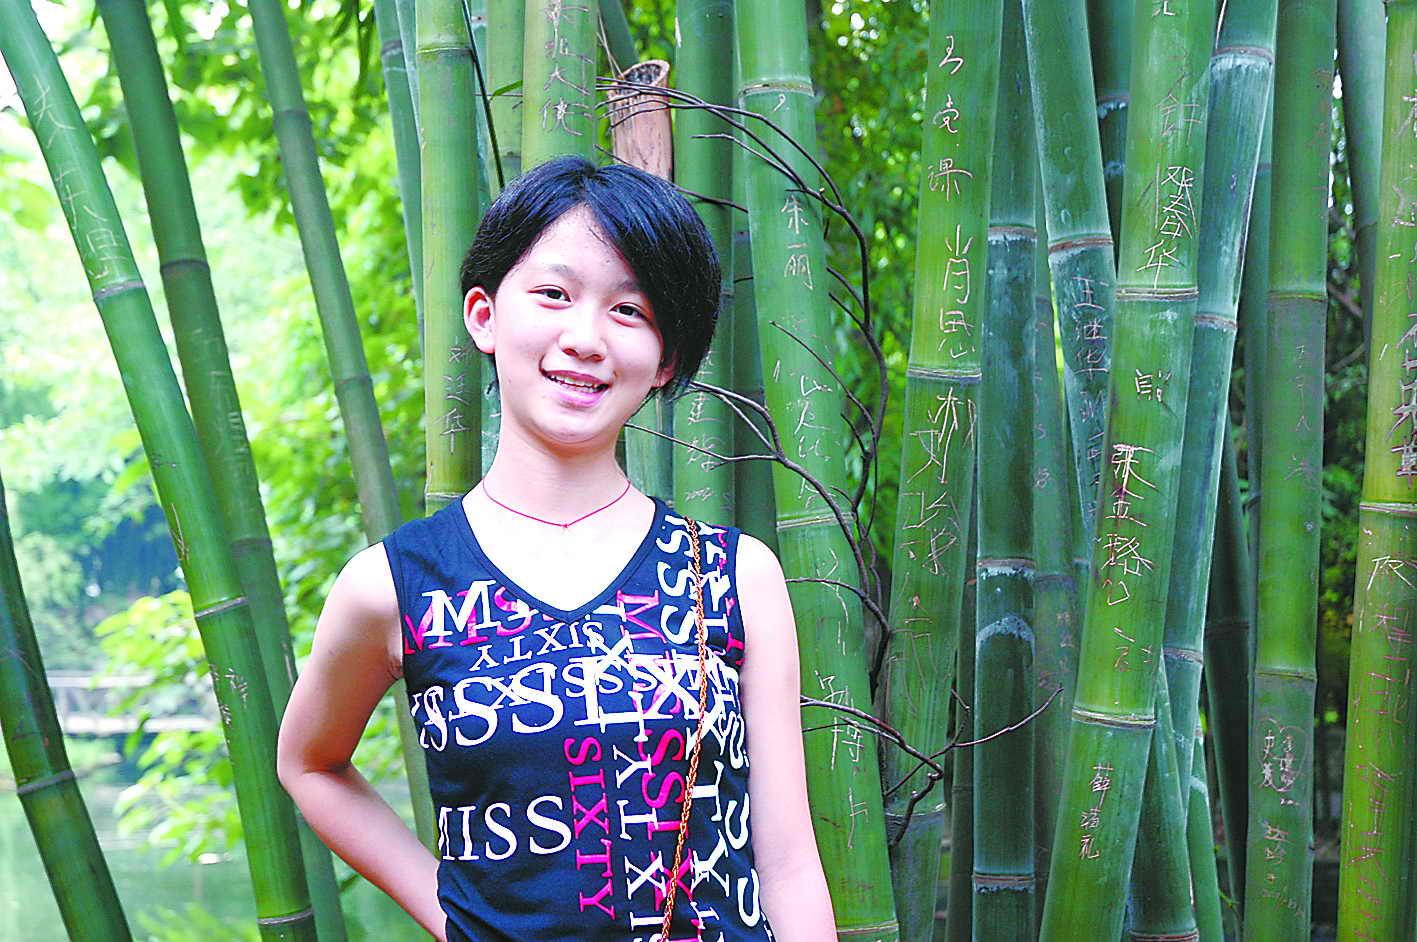 13岁小女孩; 13岁女孩怀孕蛇; 13或14岁女孩的内衣照女生穿内衣,14岁